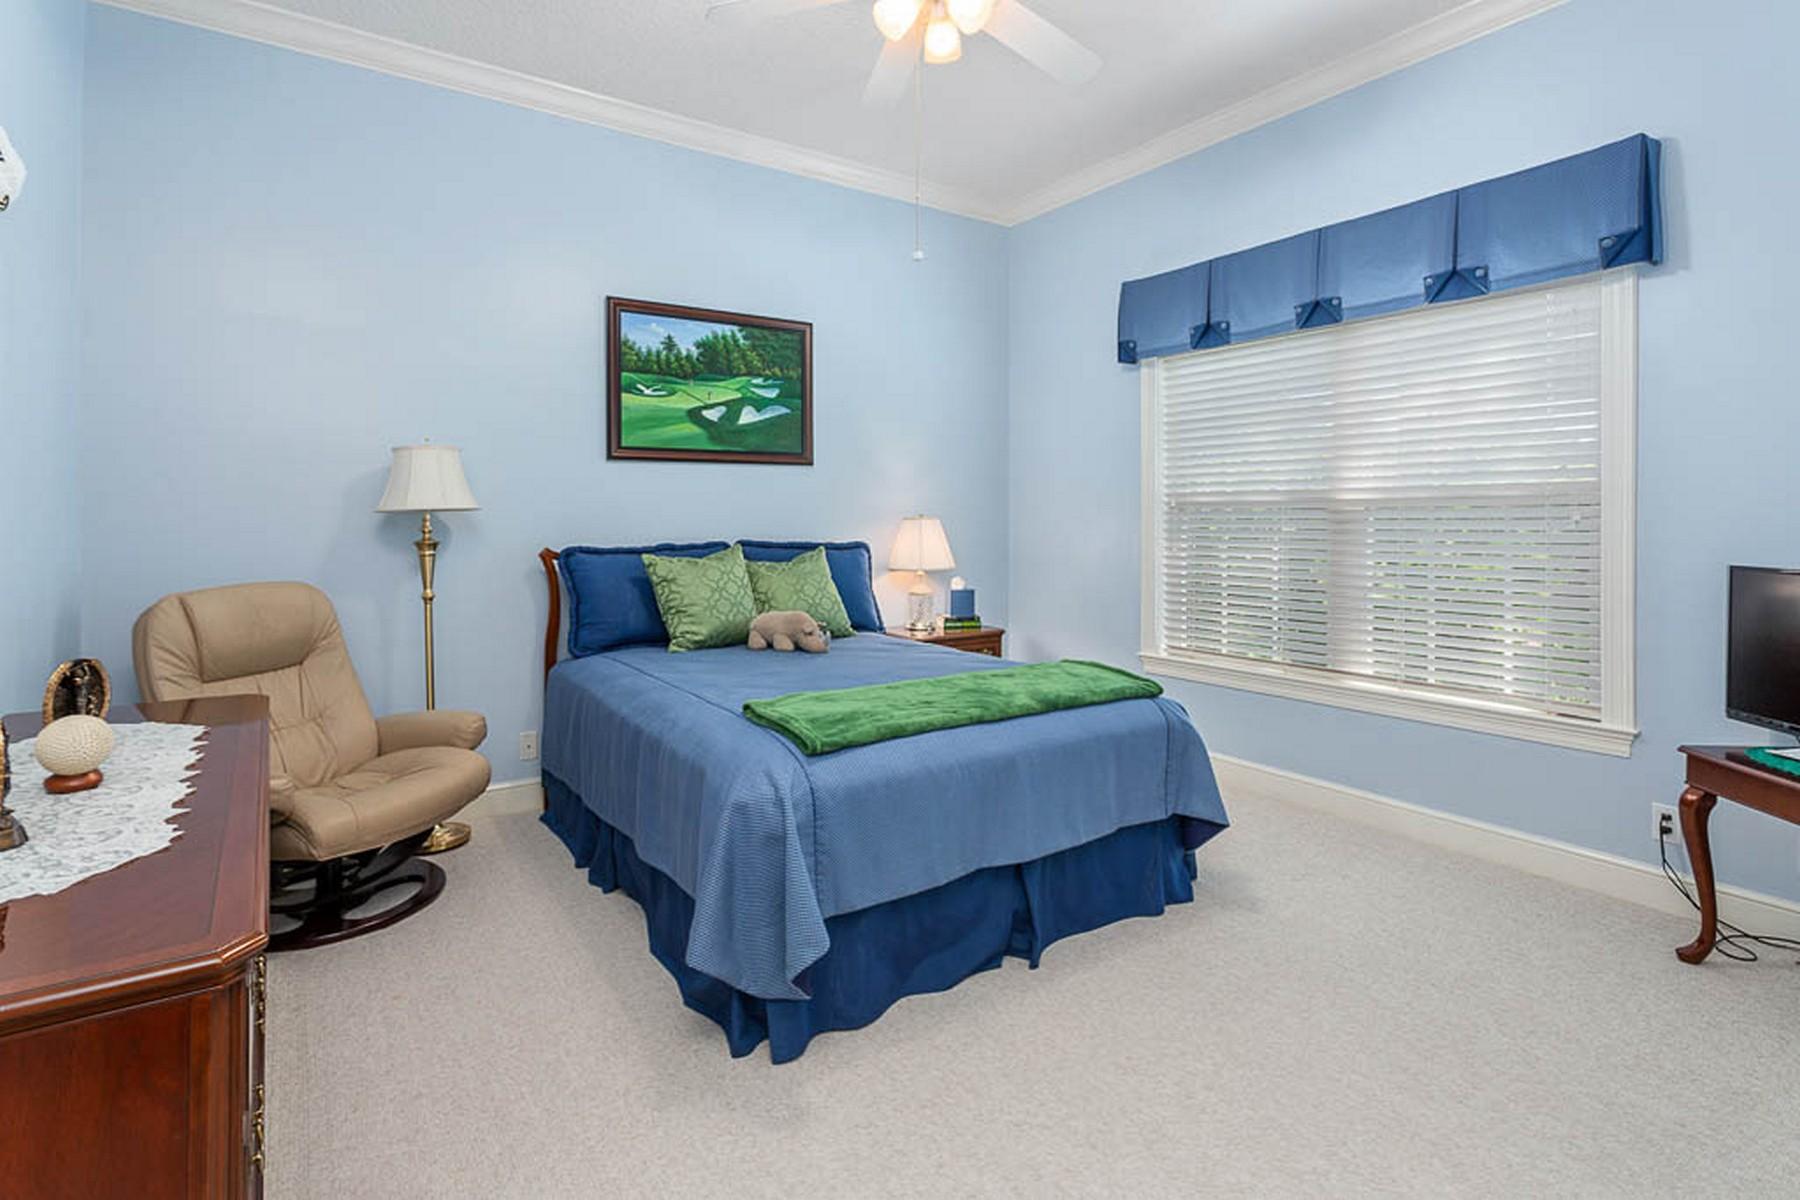 Additional photo for property listing at 107 Ma jestic Drive 107 Majestic Drive, Brunswick, ジョージア 31523 アメリカ